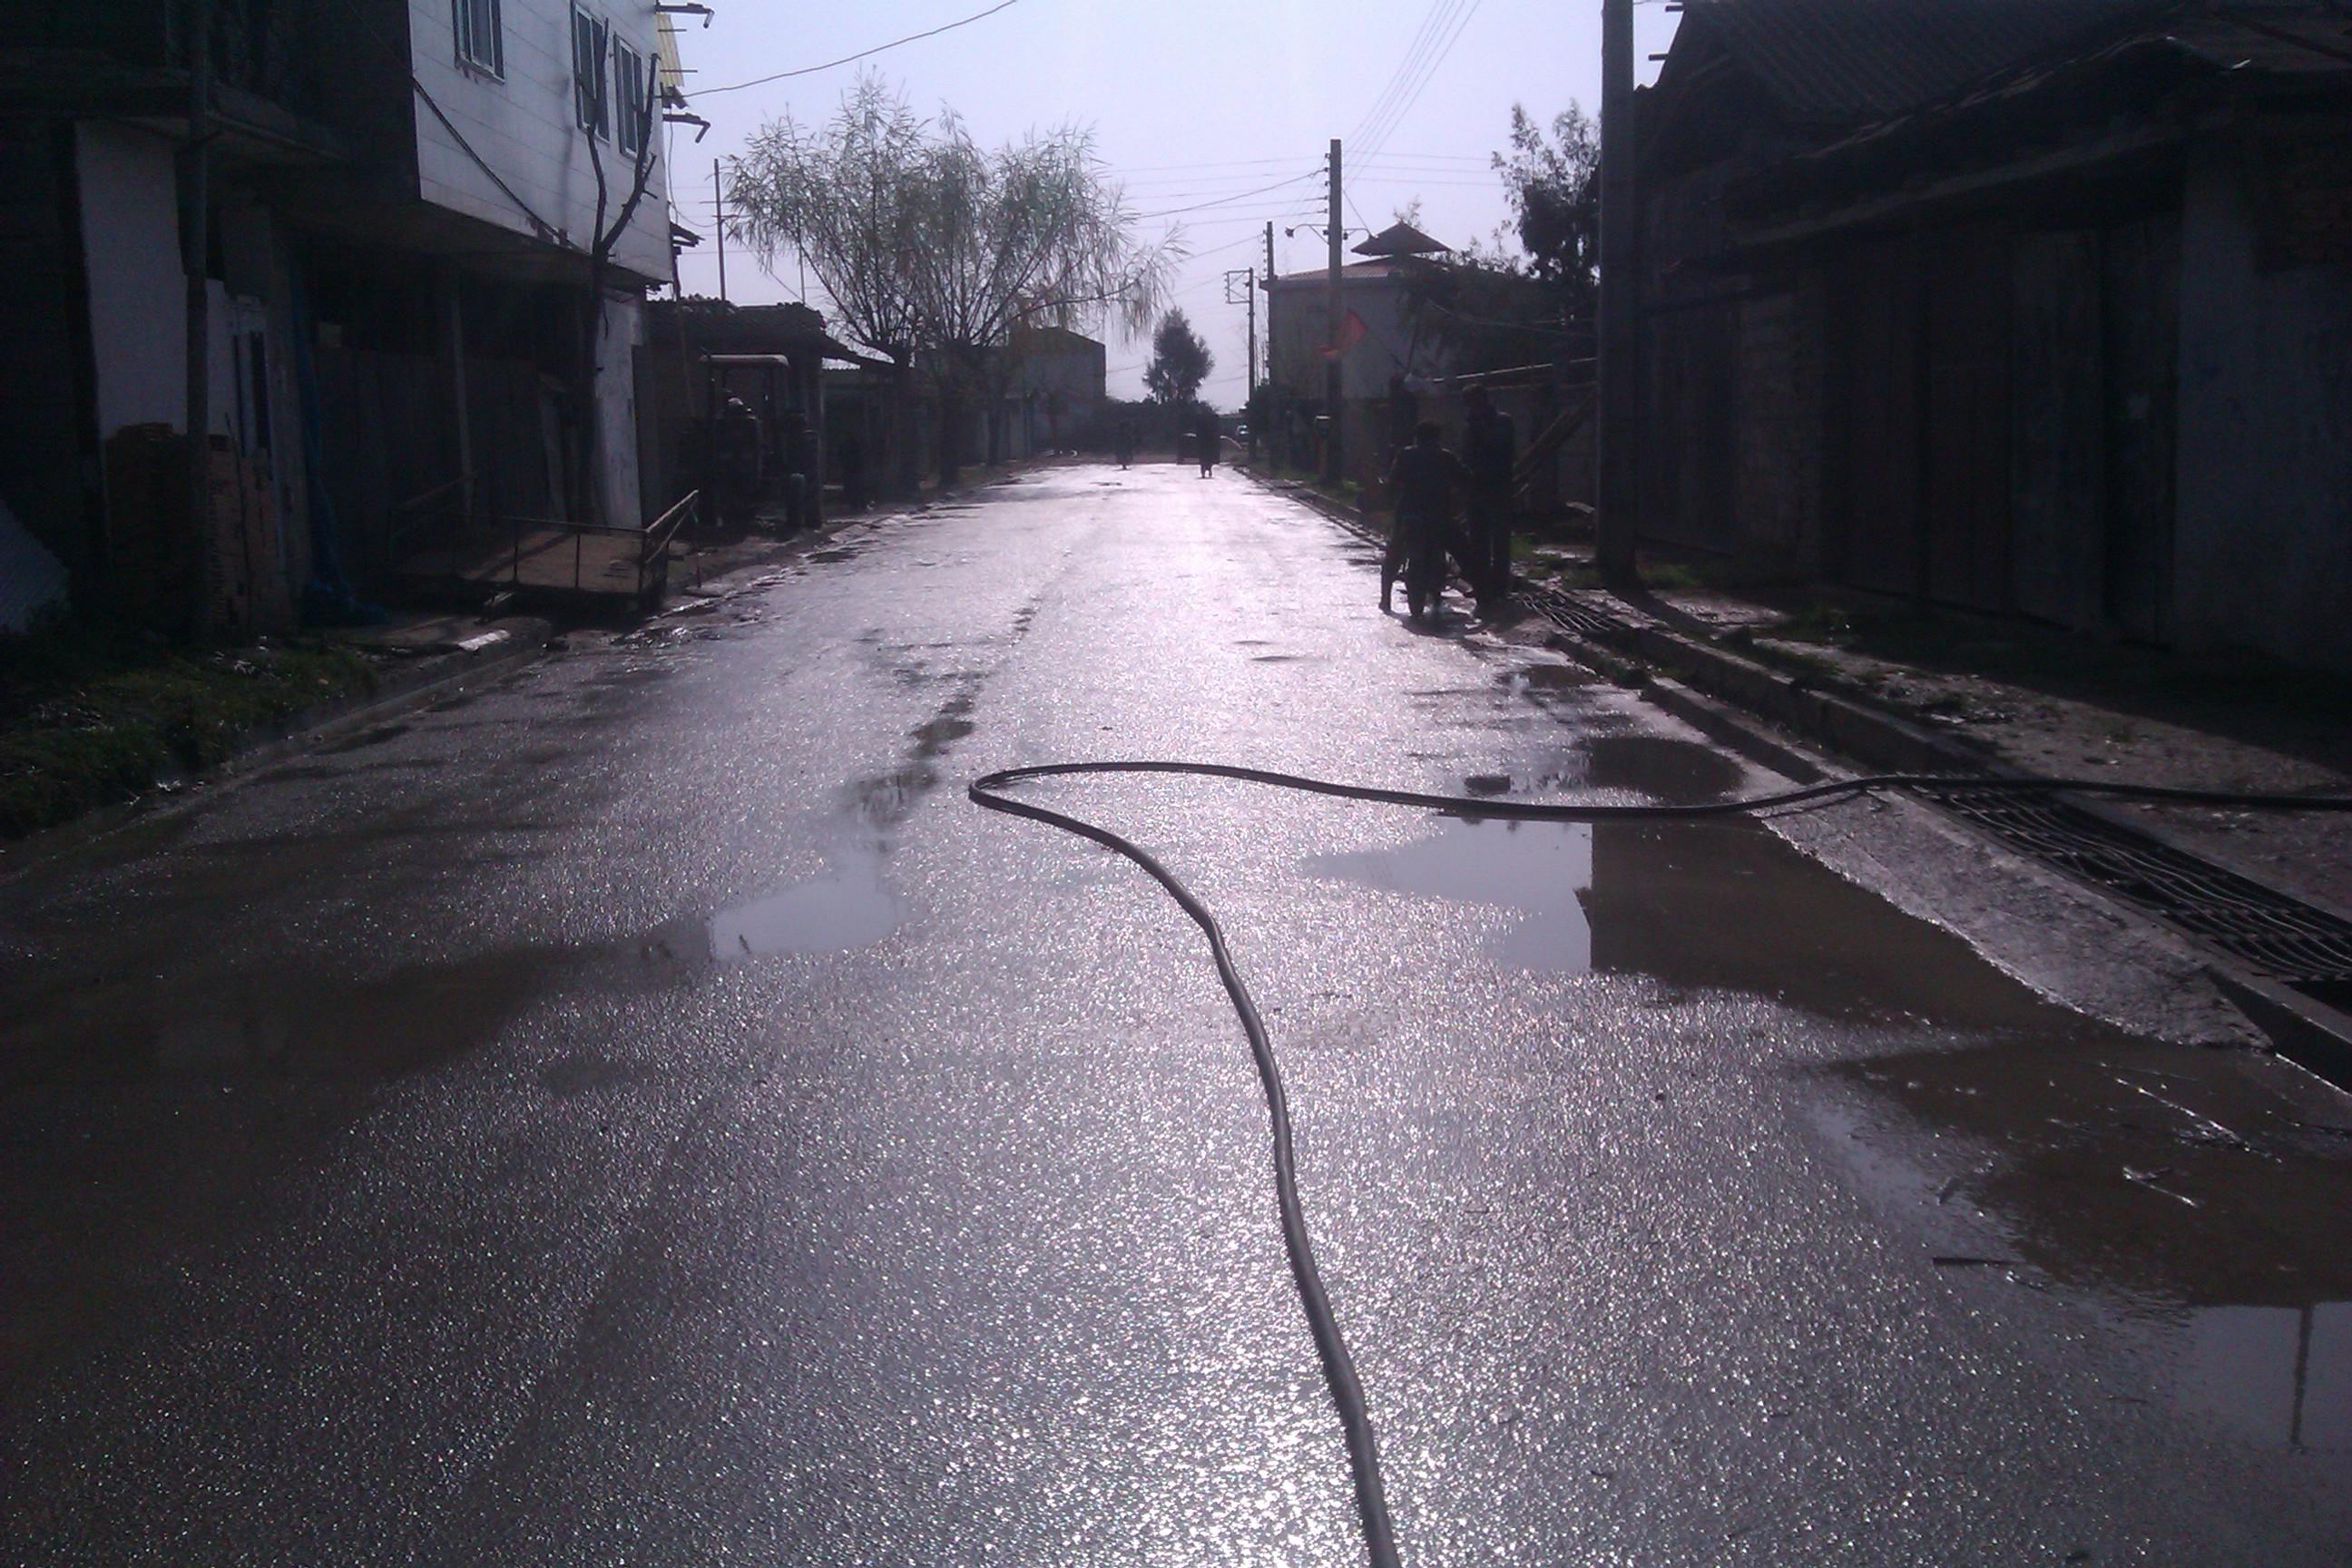 شستشوی جاده های اصلی در برگه توسط دهیاری برگه